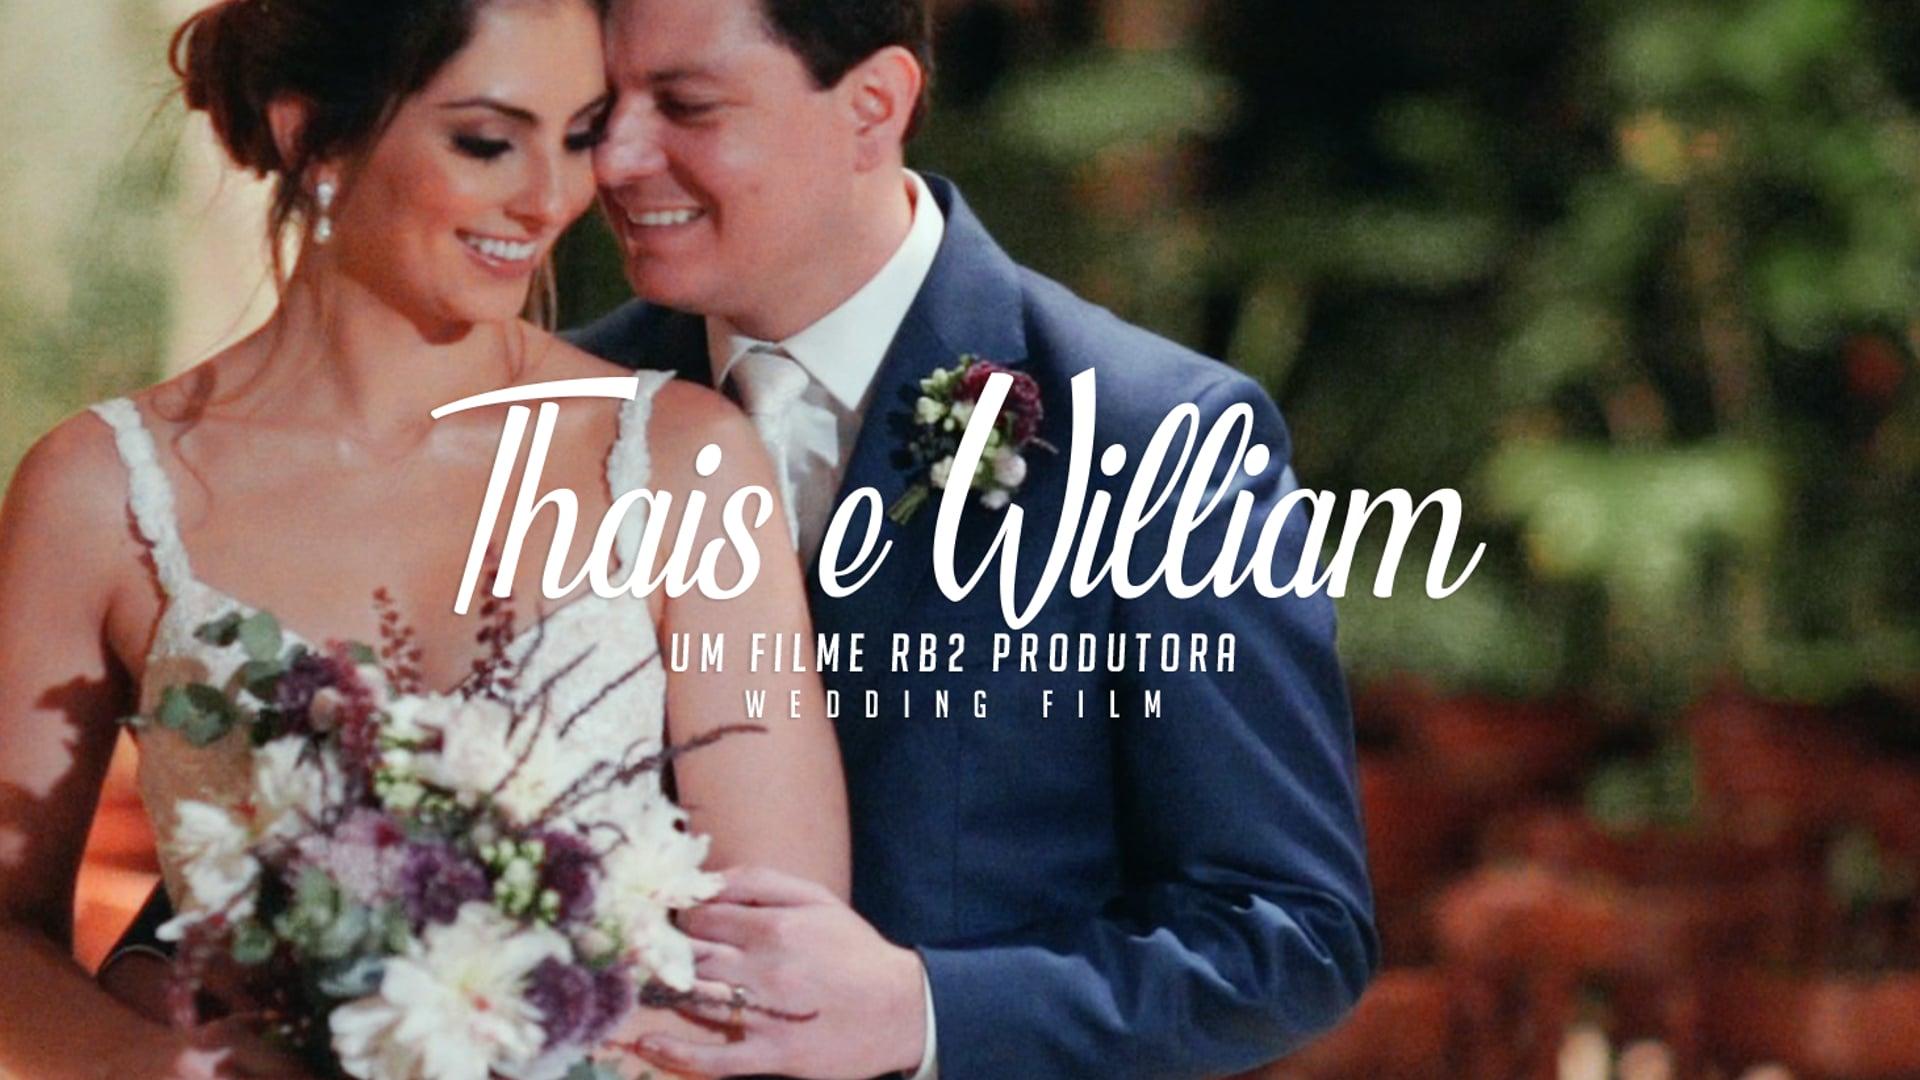 RB2 Produtora - Thais e William - Wedding Film